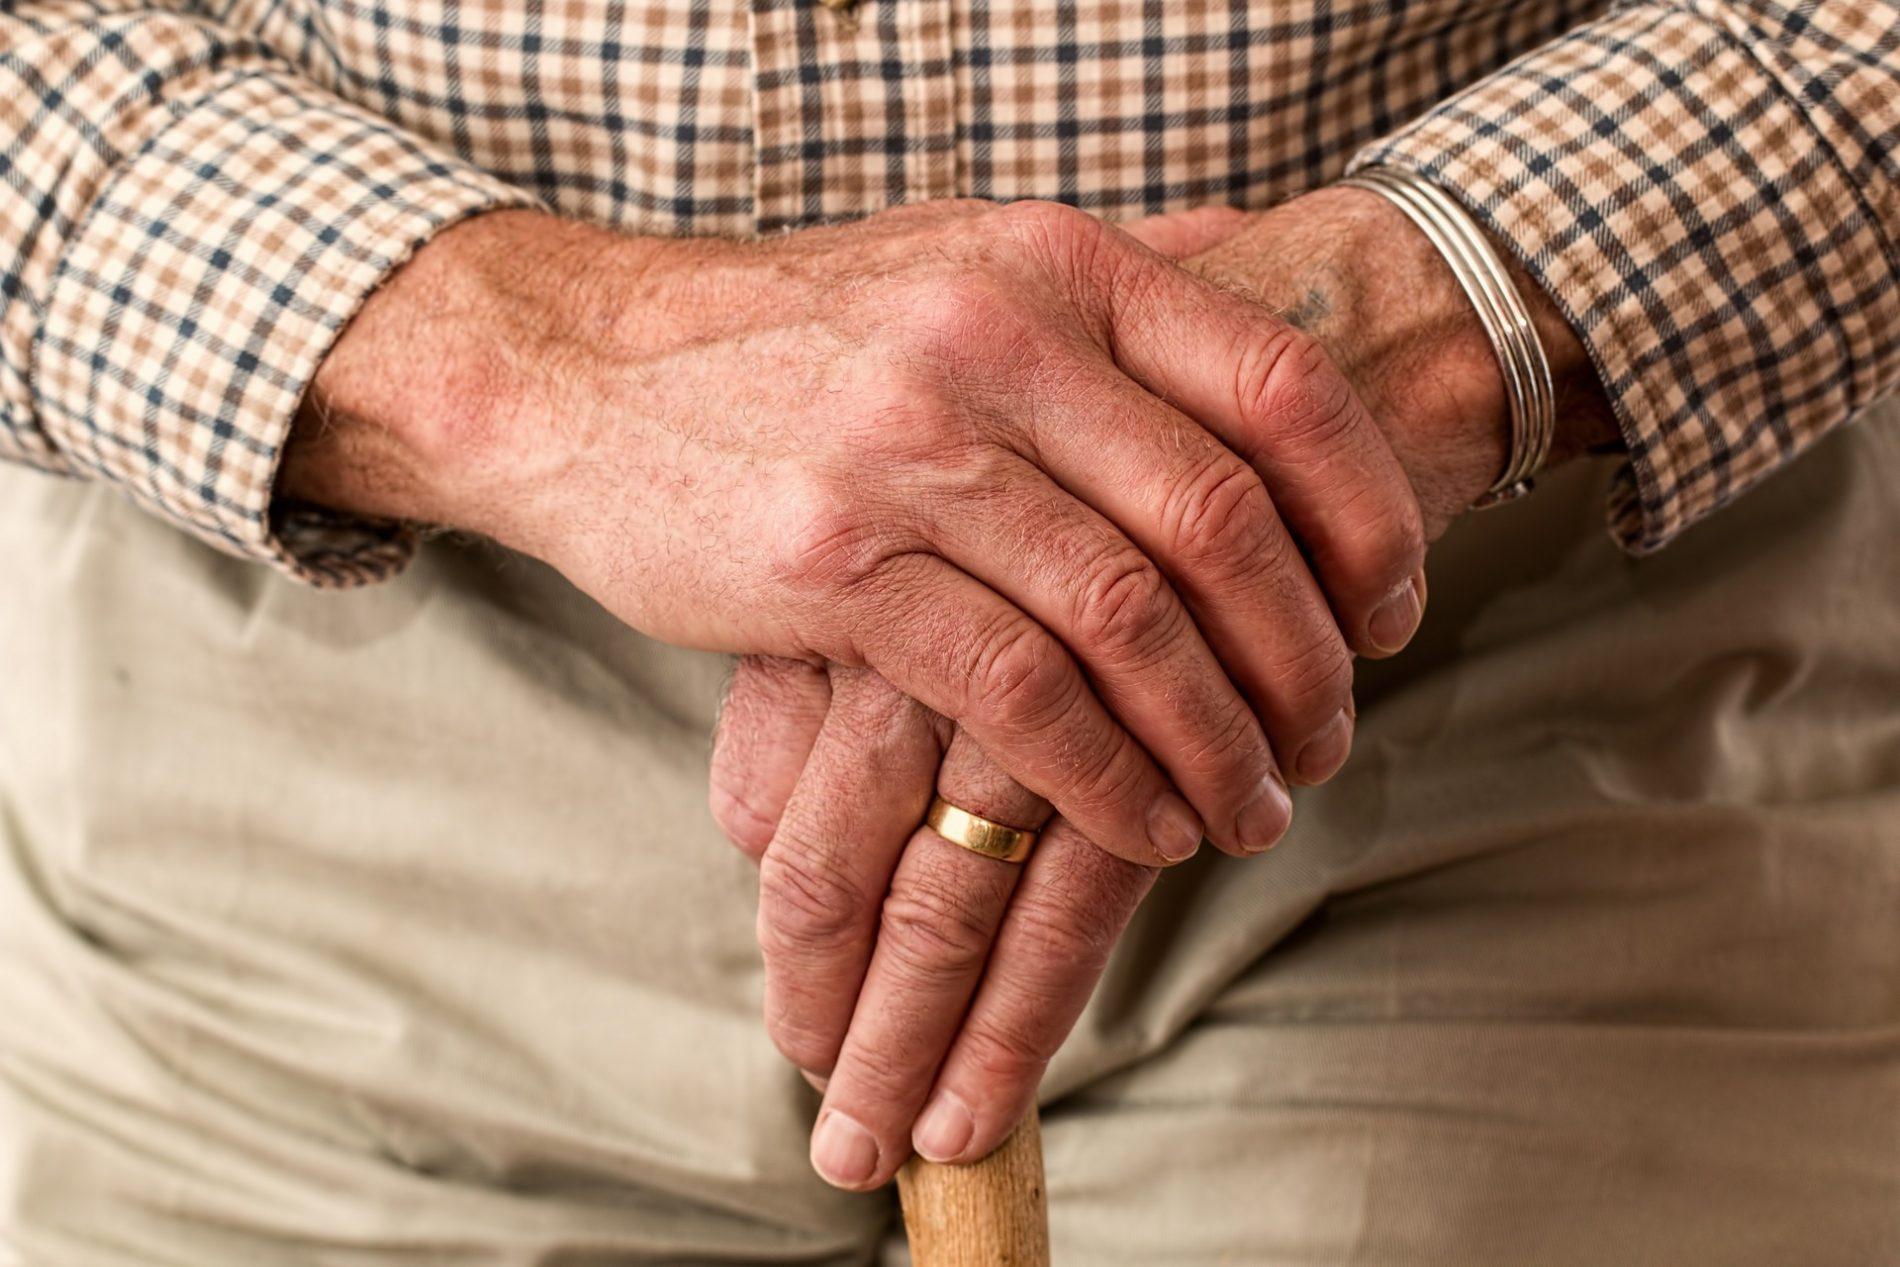 vergrößerte prostata beschwerden